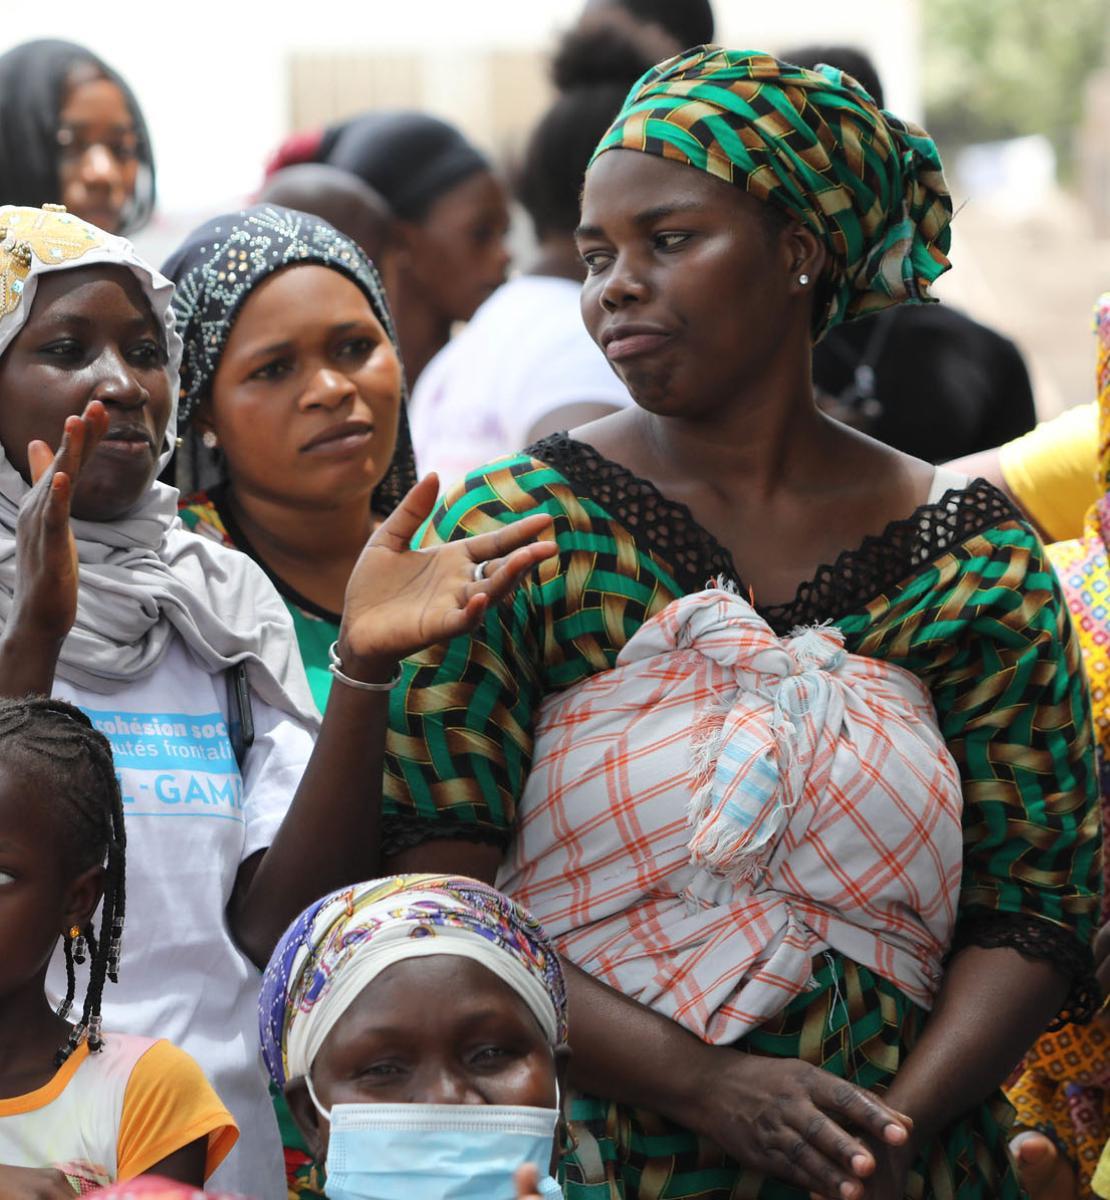 Varias mujeres y niñas conversando en la calle.